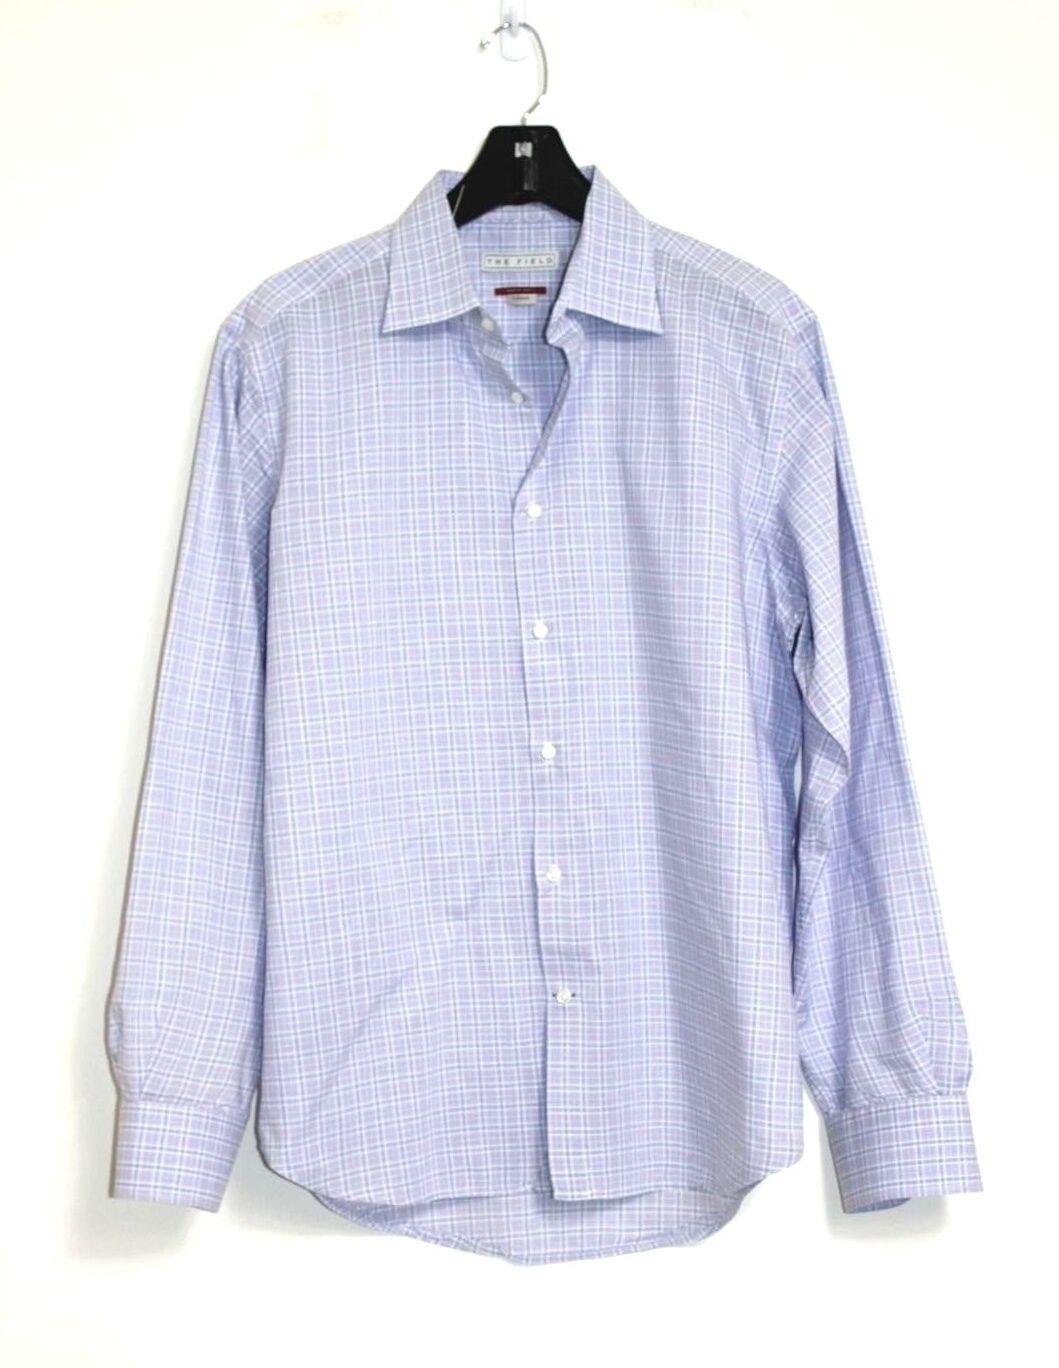 The Field - Men's L - Lavender Purple Plaid L S Cotton Dress Shirt